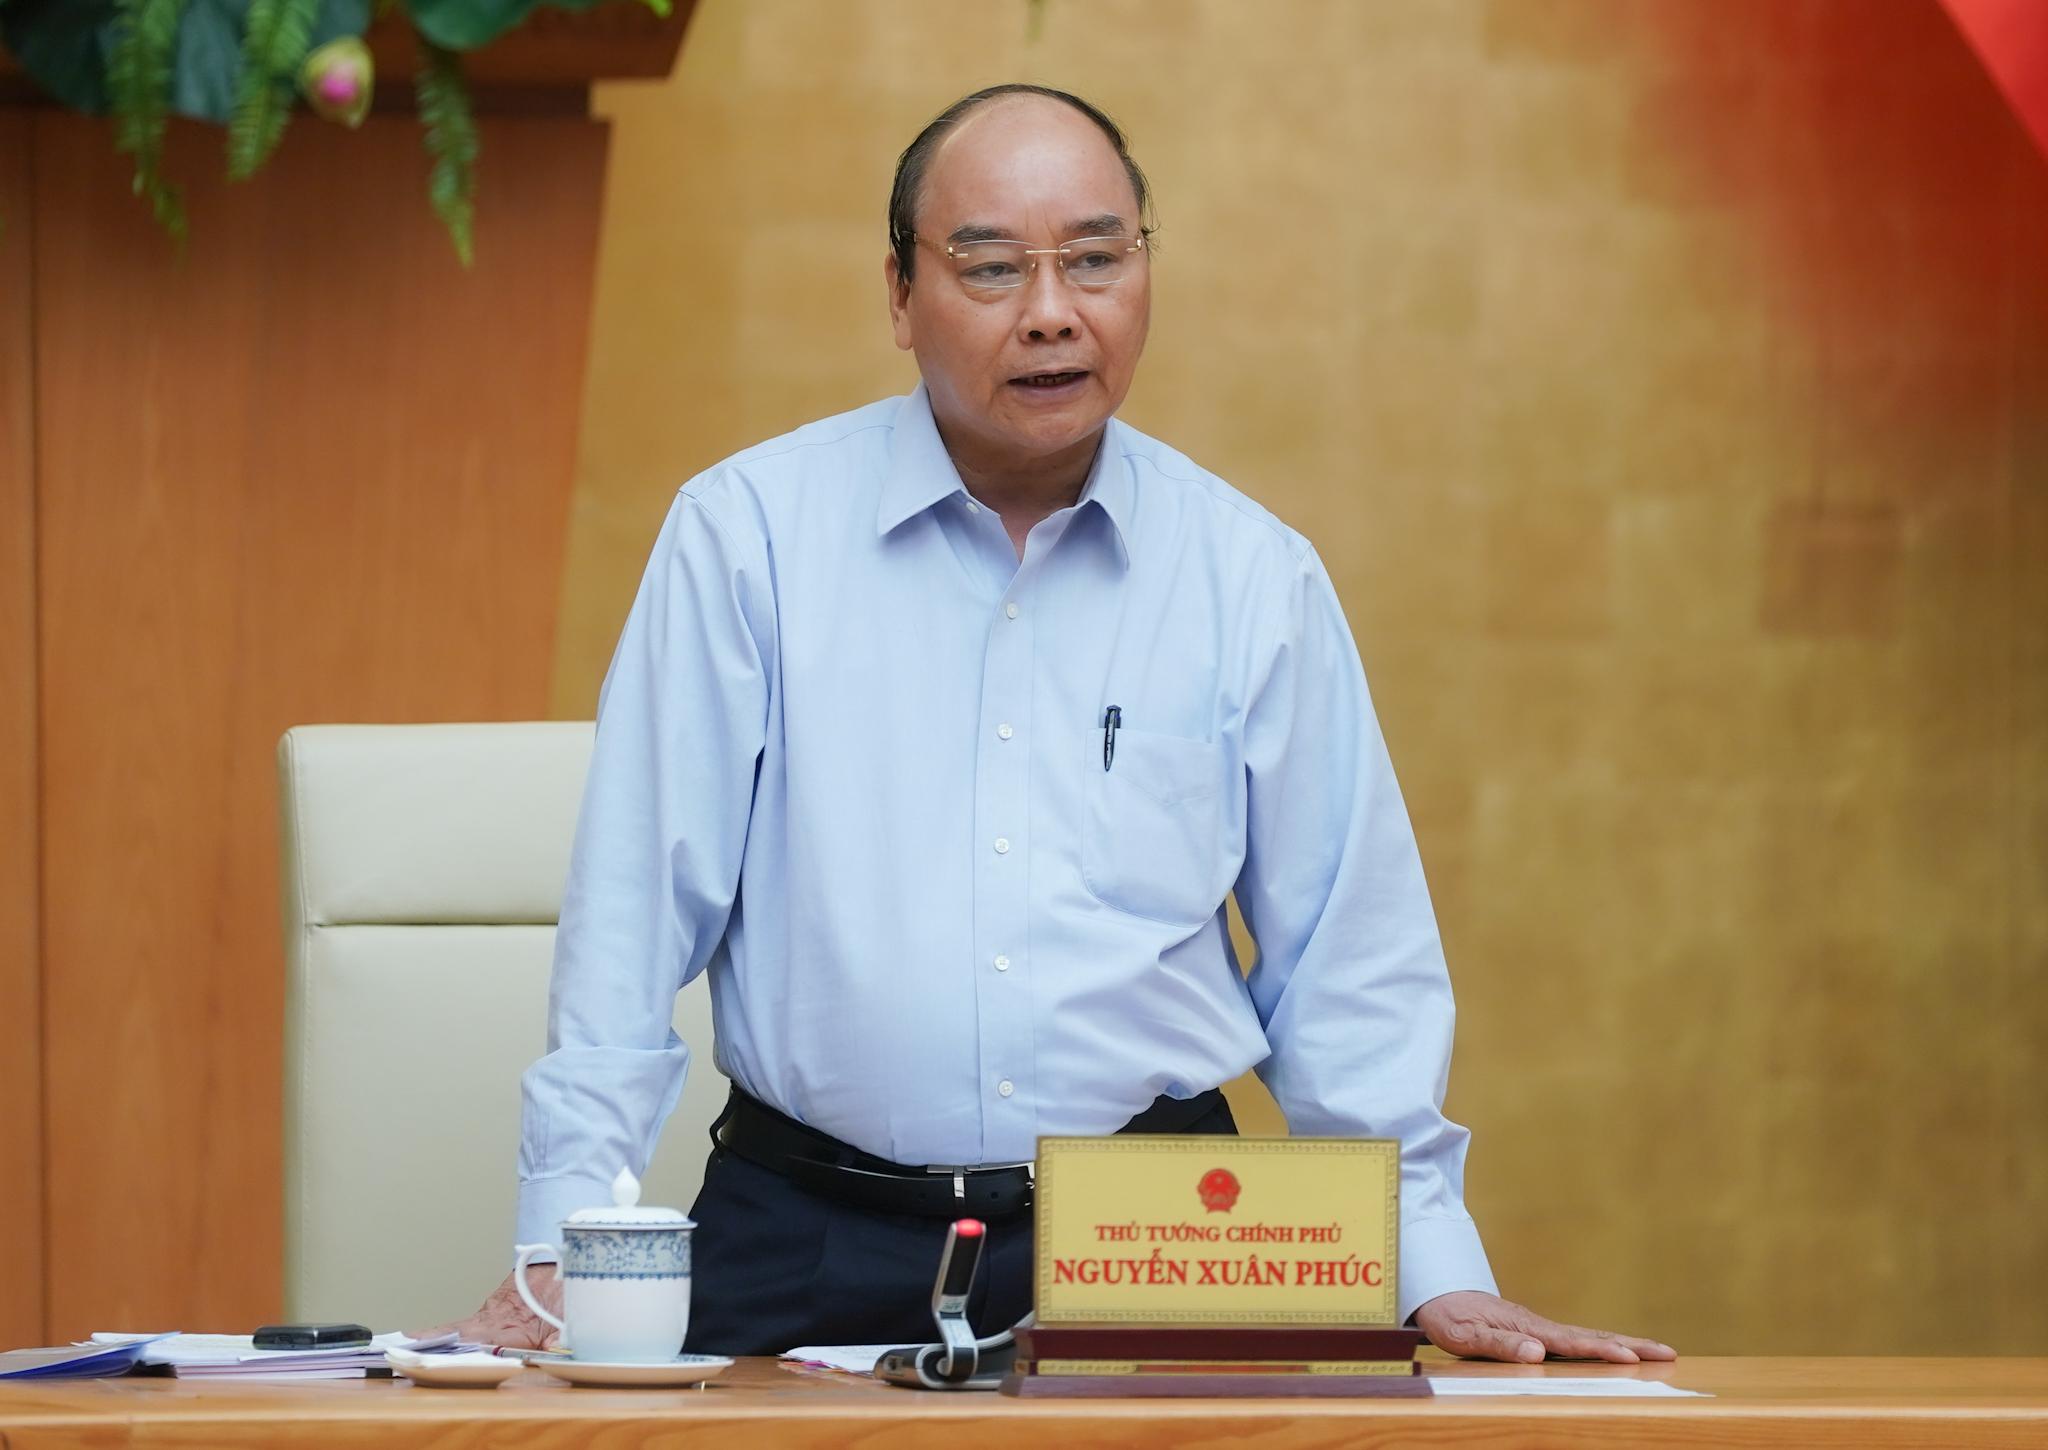 Thủ tướng đồng ý cho xuất khẩu gạo trở lại bình thường từ ngày 1/5/2020 - Ảnh 1.